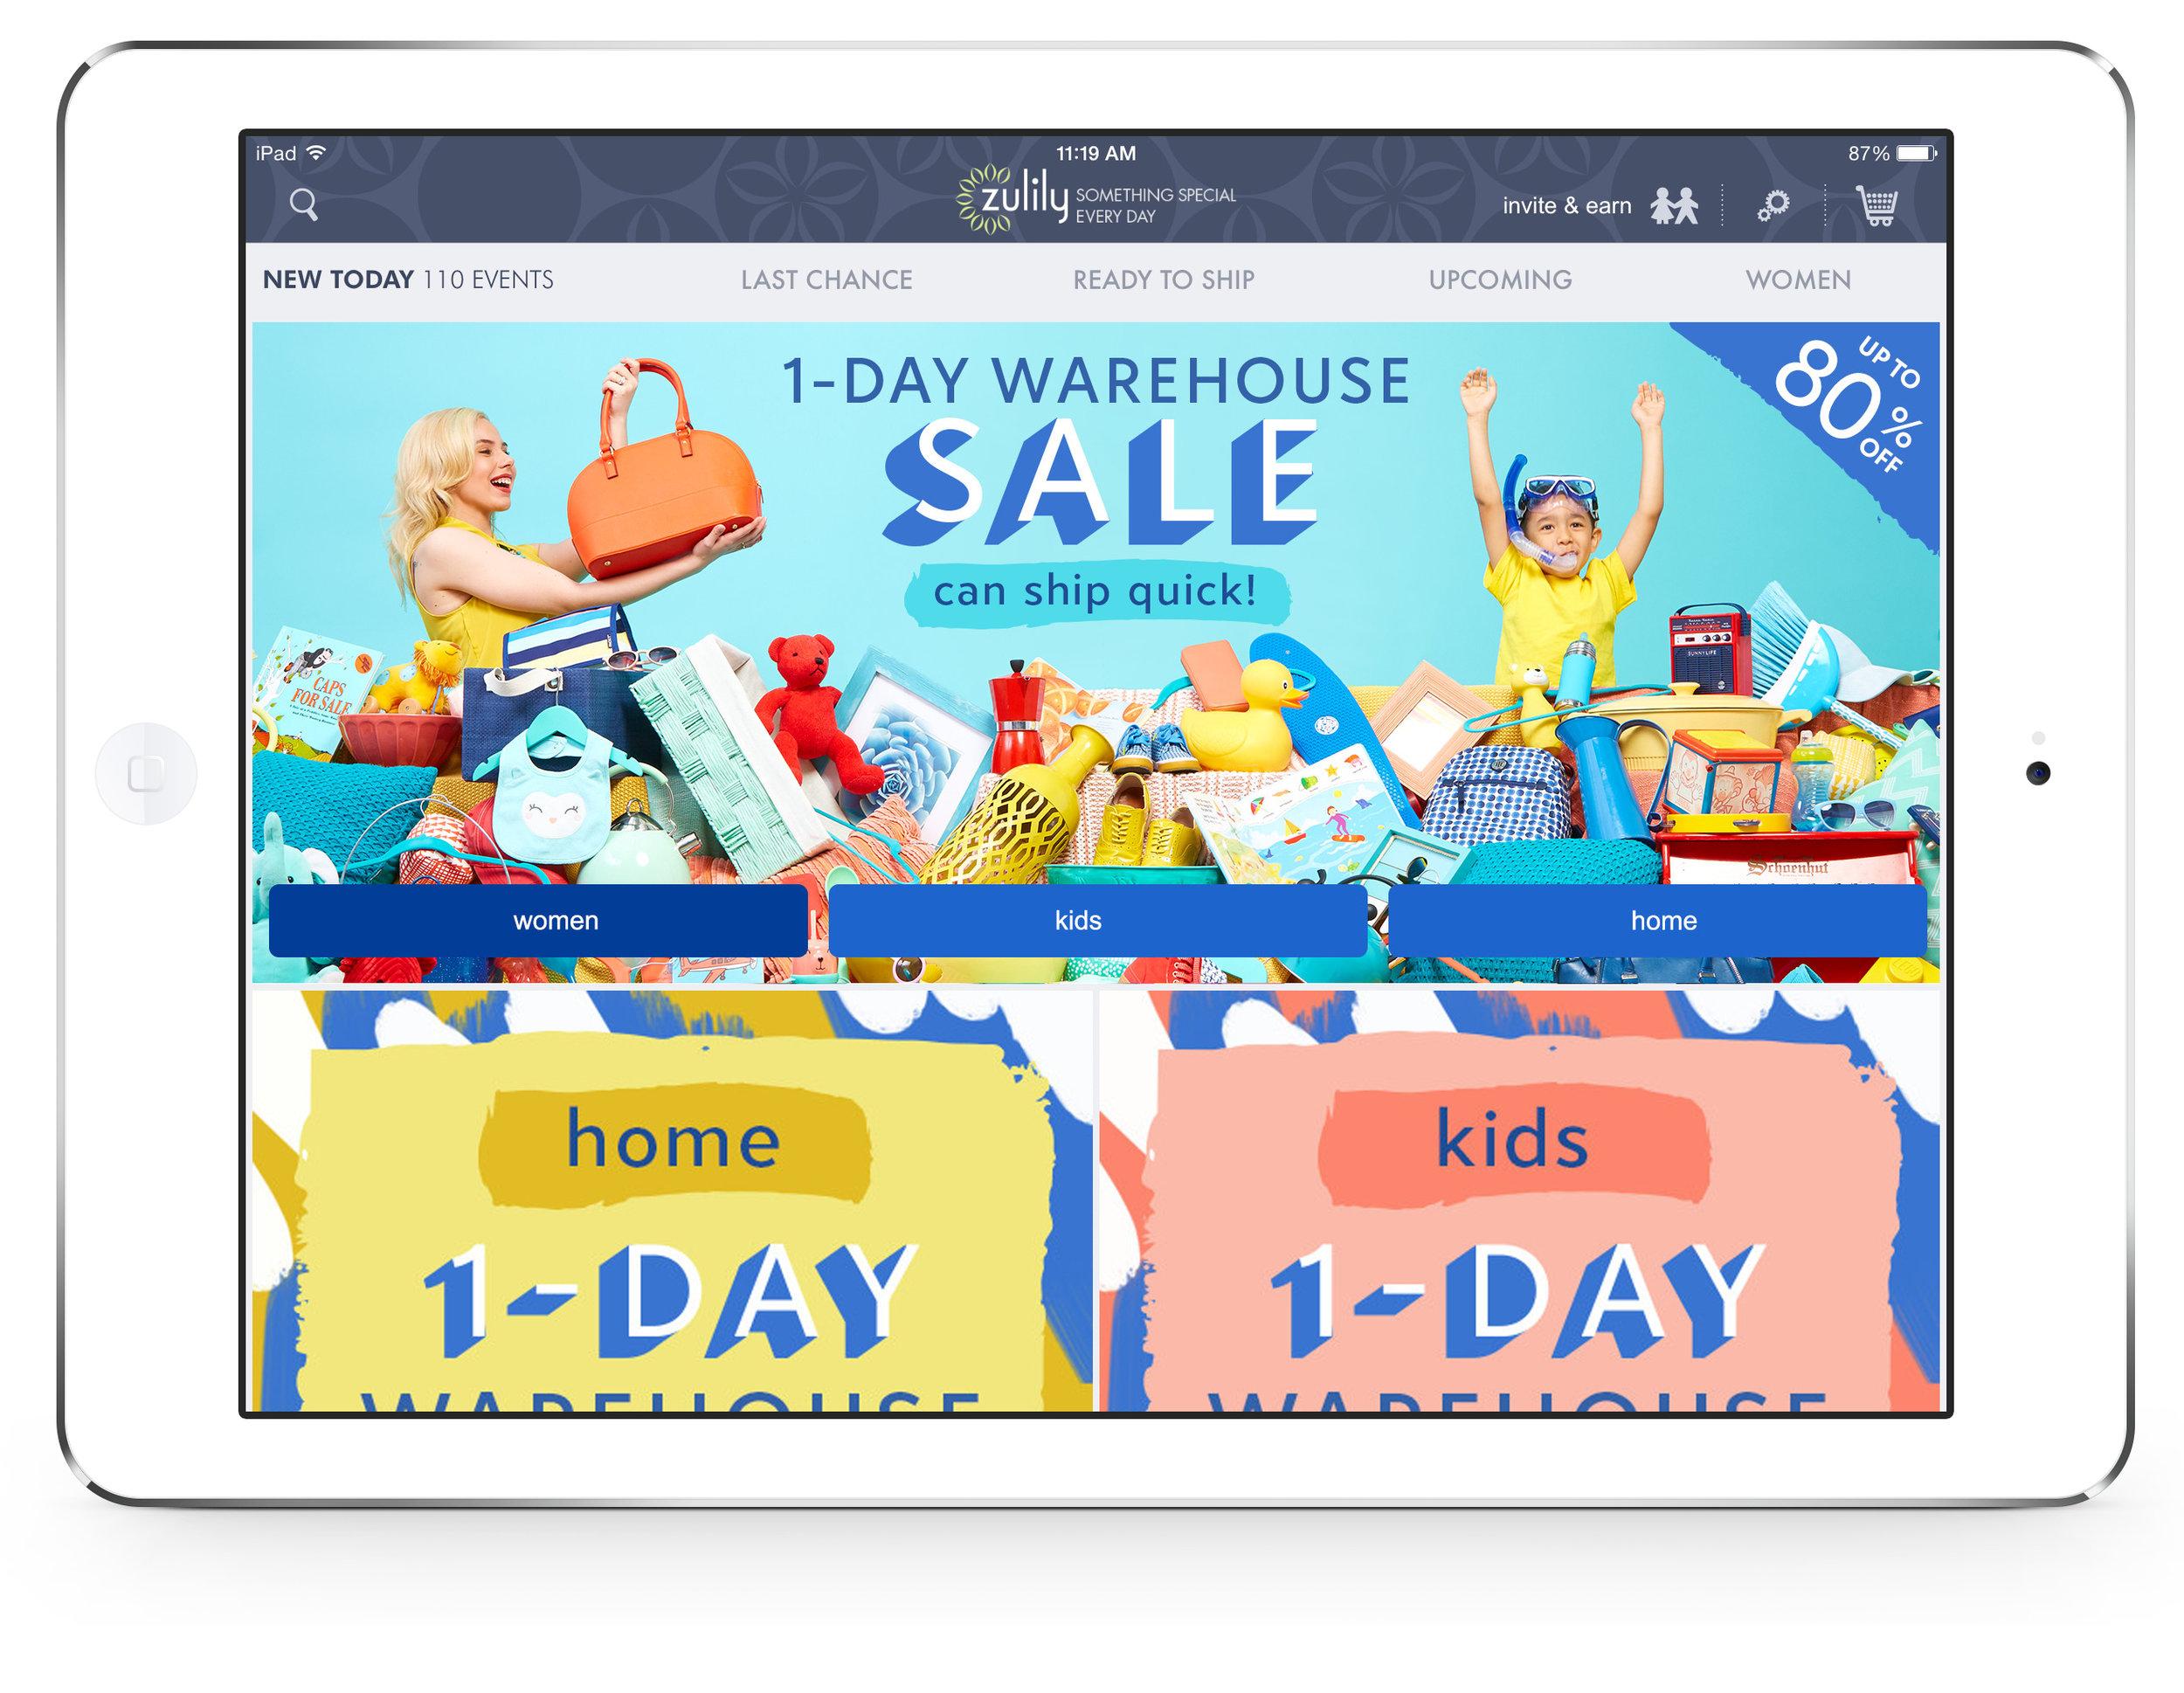 Warehouse_iPad.jpg